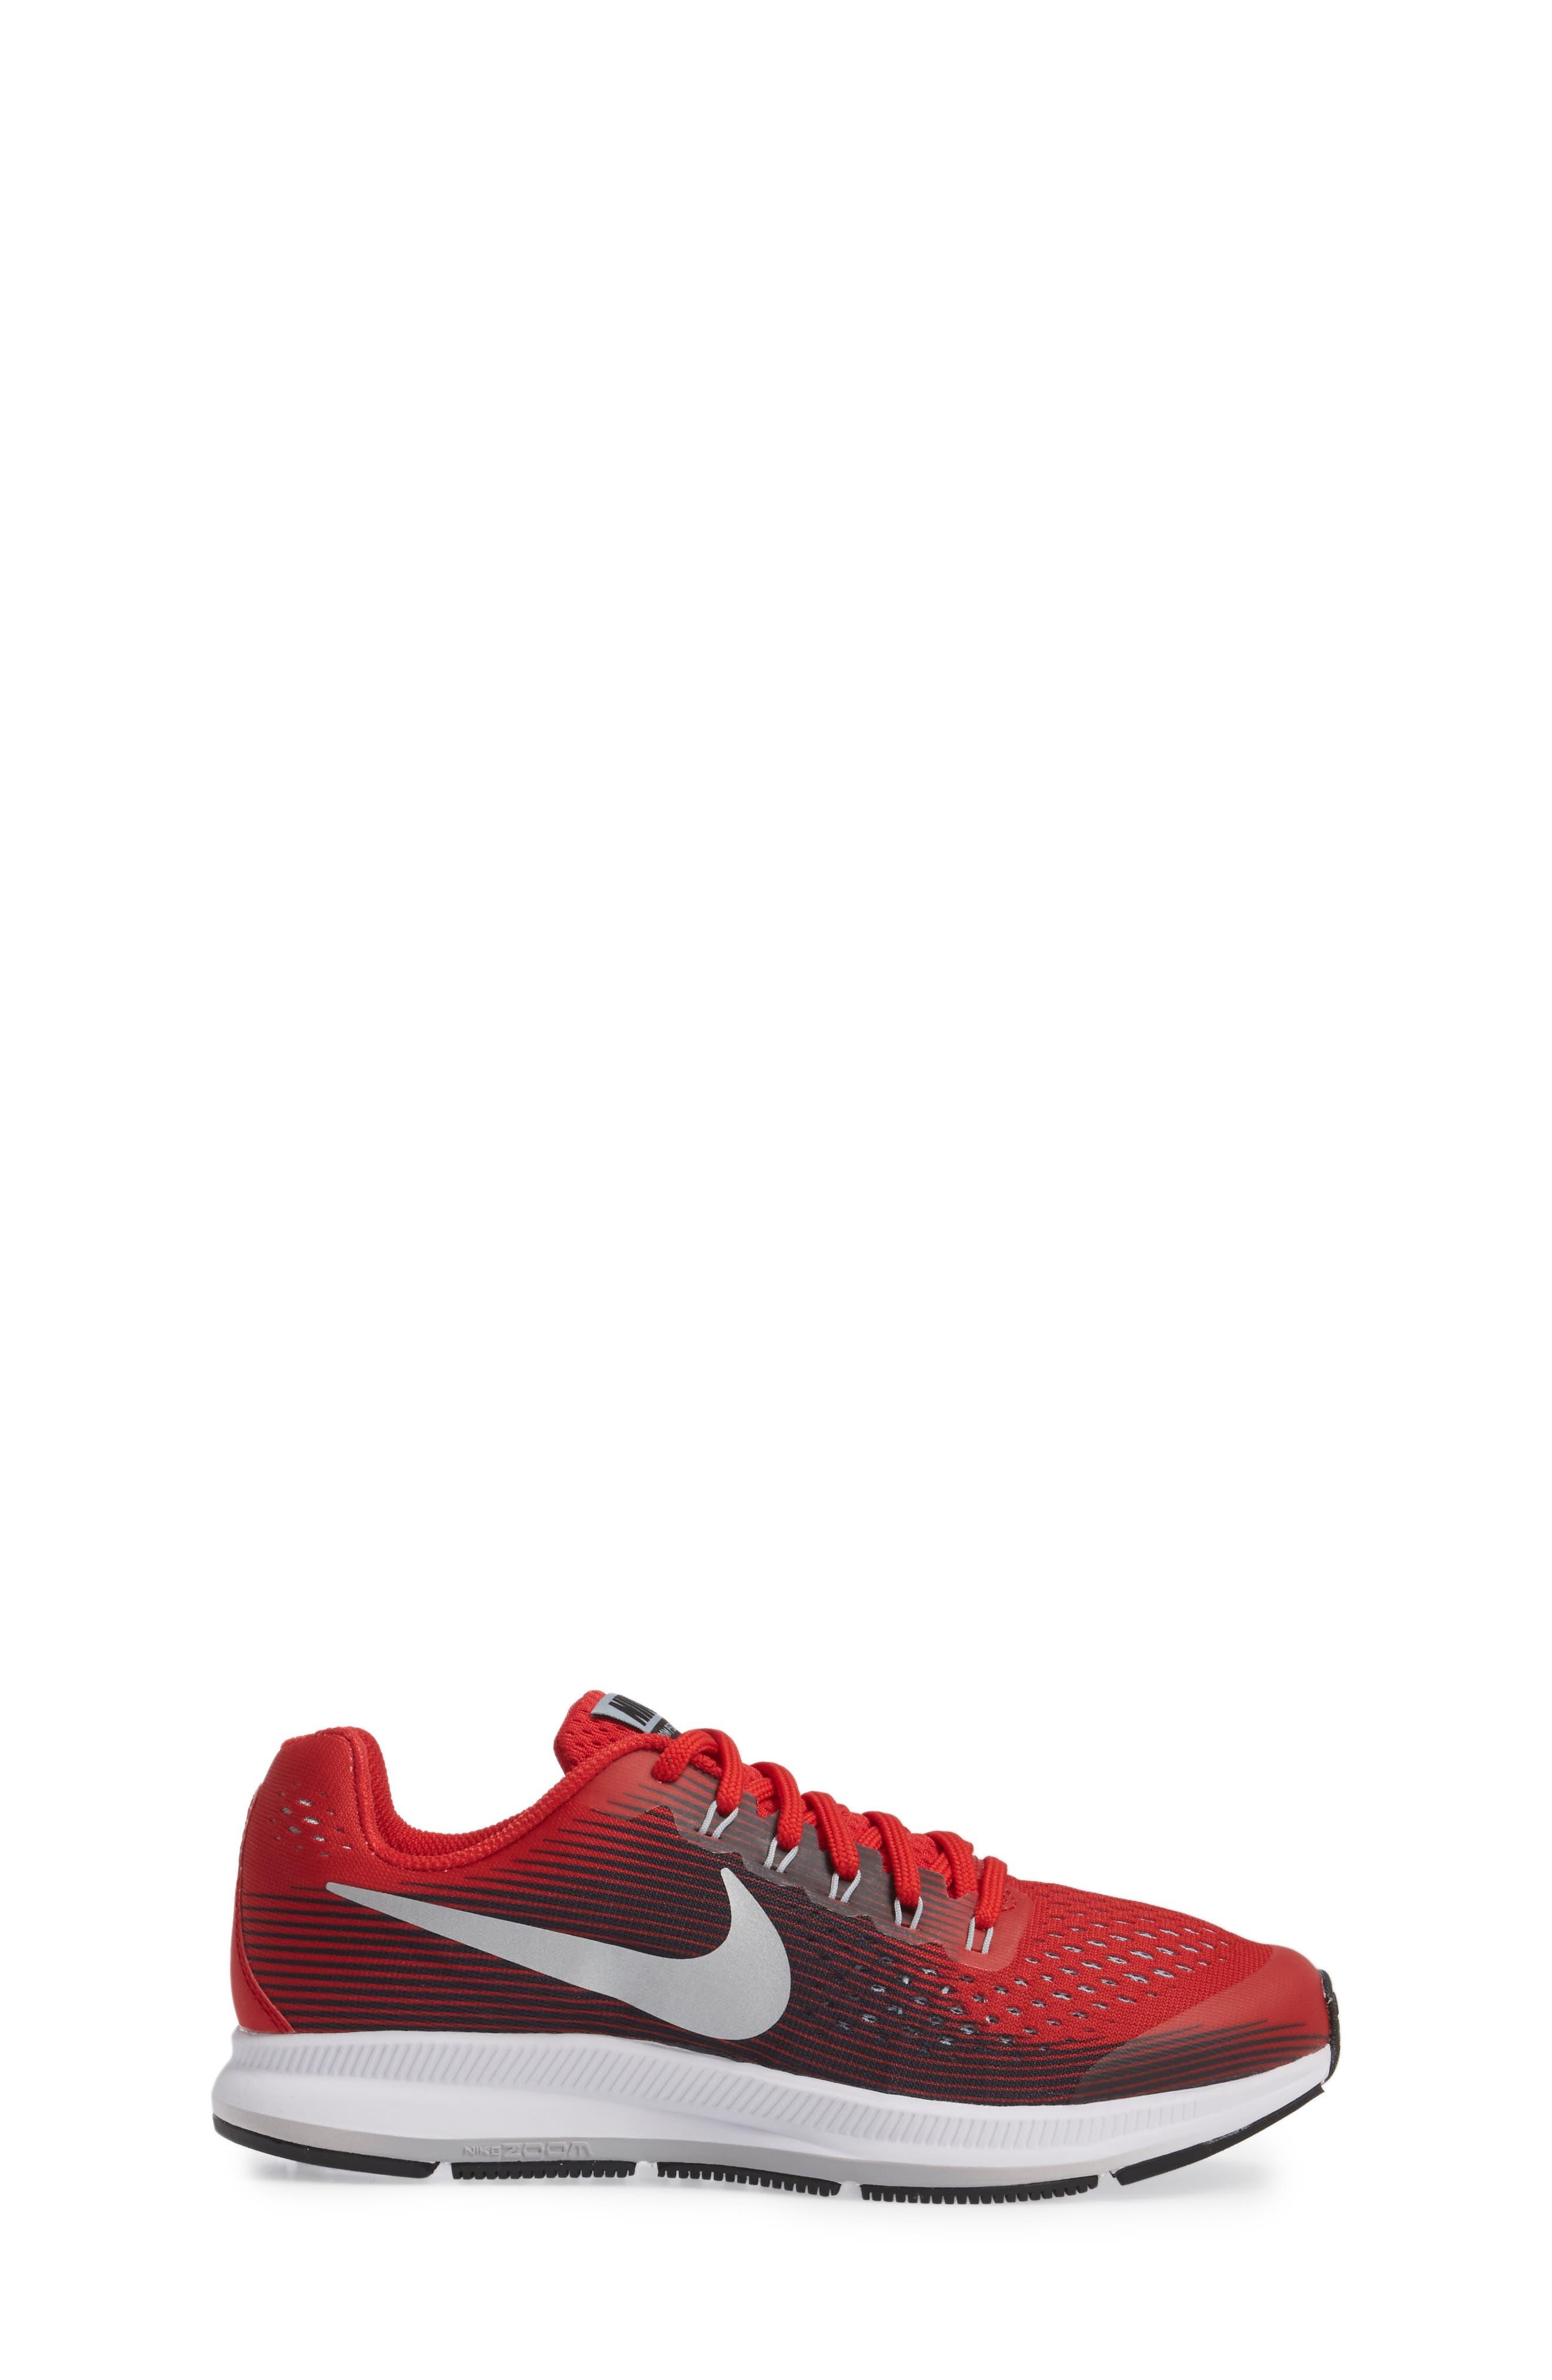 Zoom Pegasus 34 Sneaker,                             Alternate thumbnail 23, color,